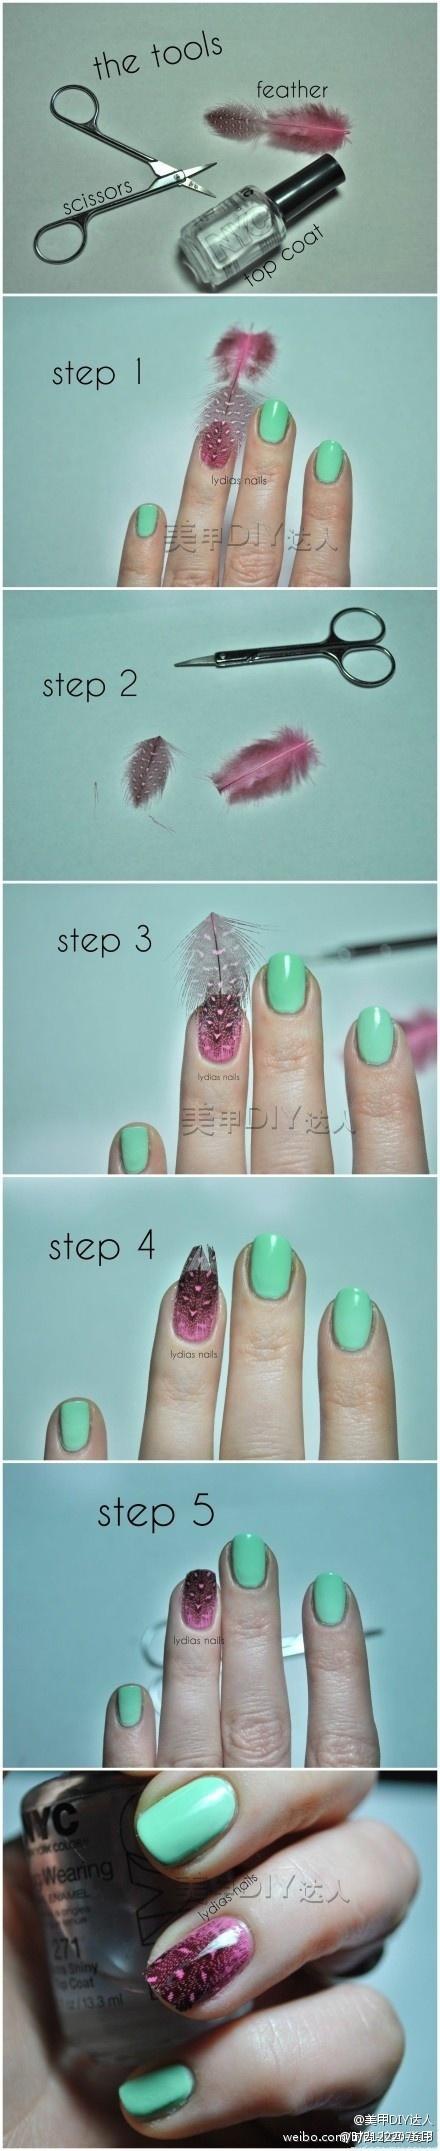 DIY-Nails-7